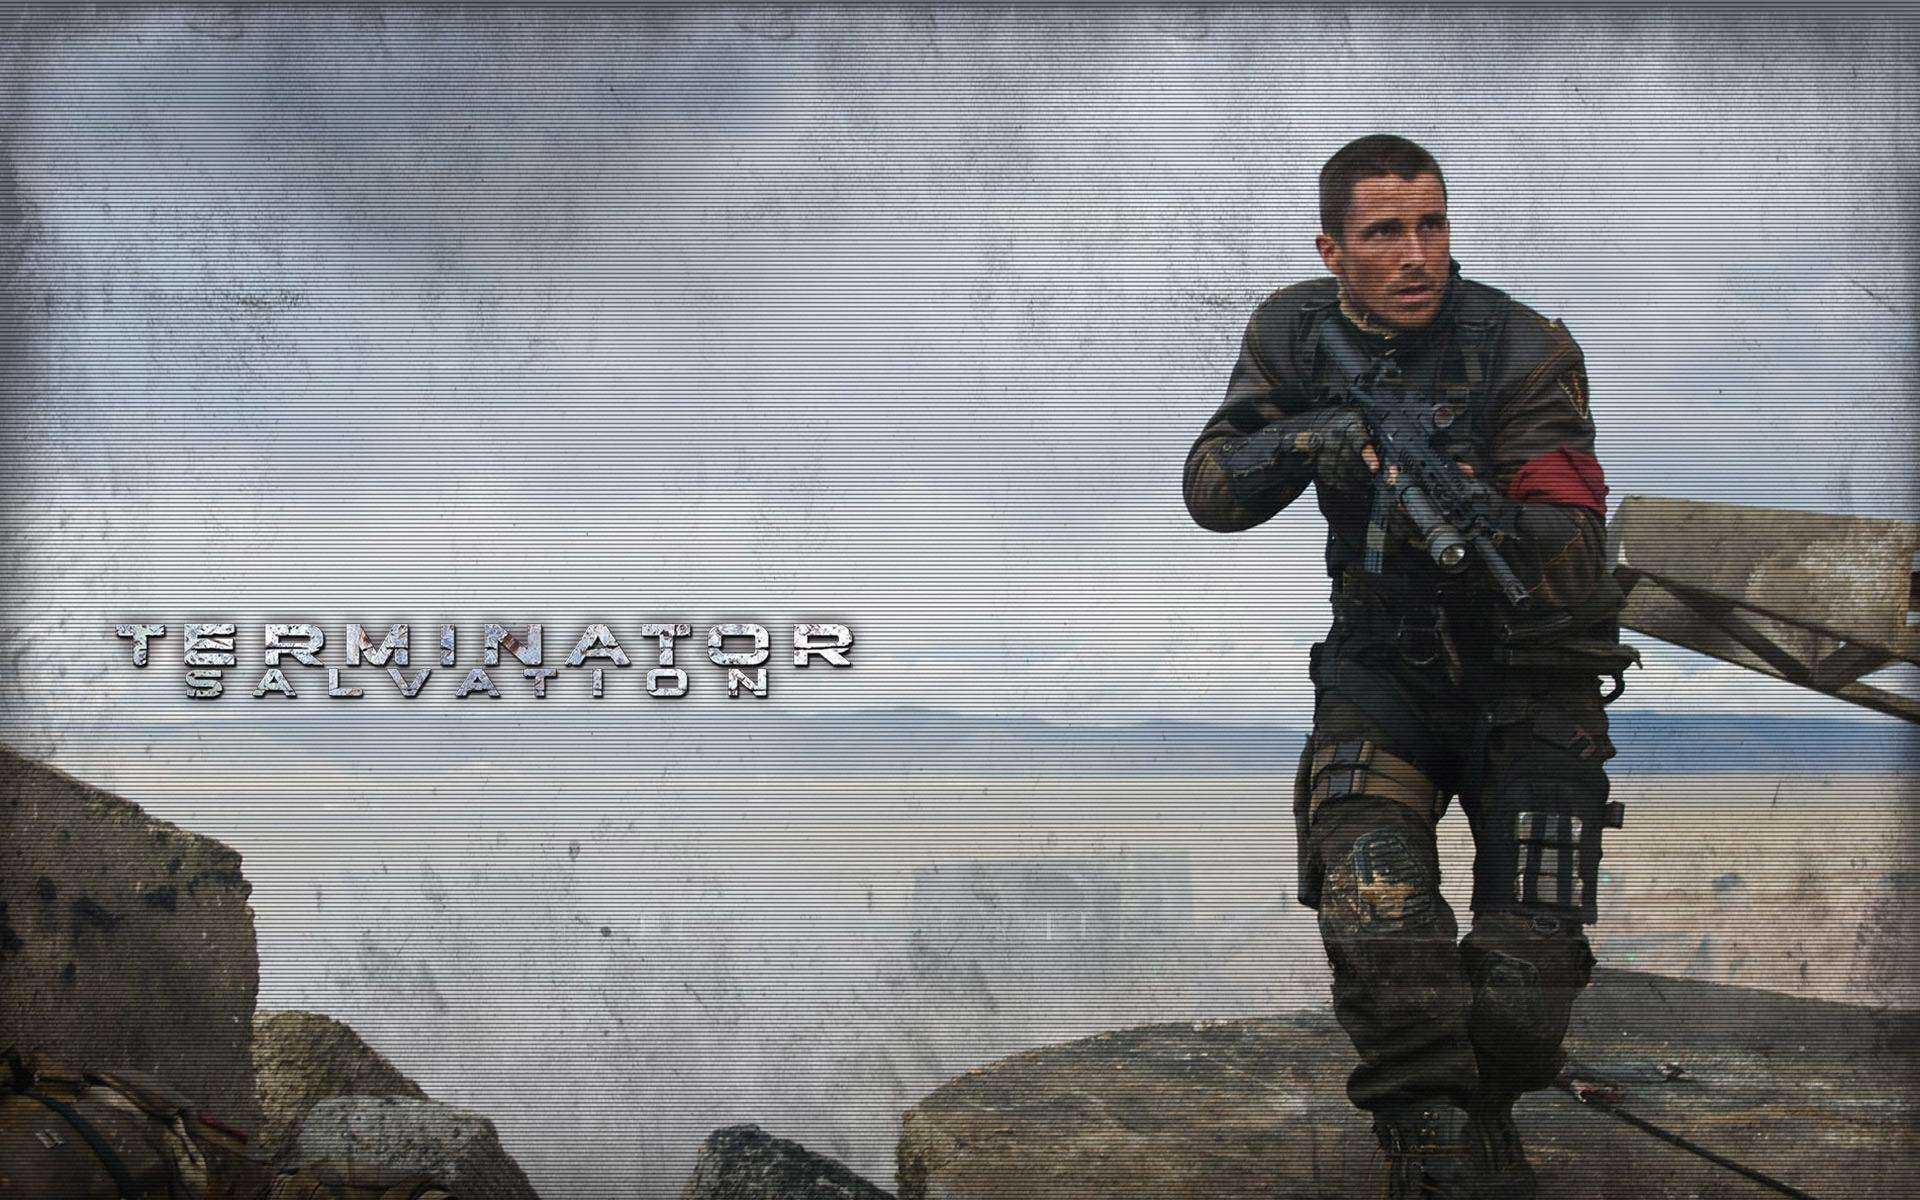 Un wallpaper del film Terminator Salvation con Christian Bale